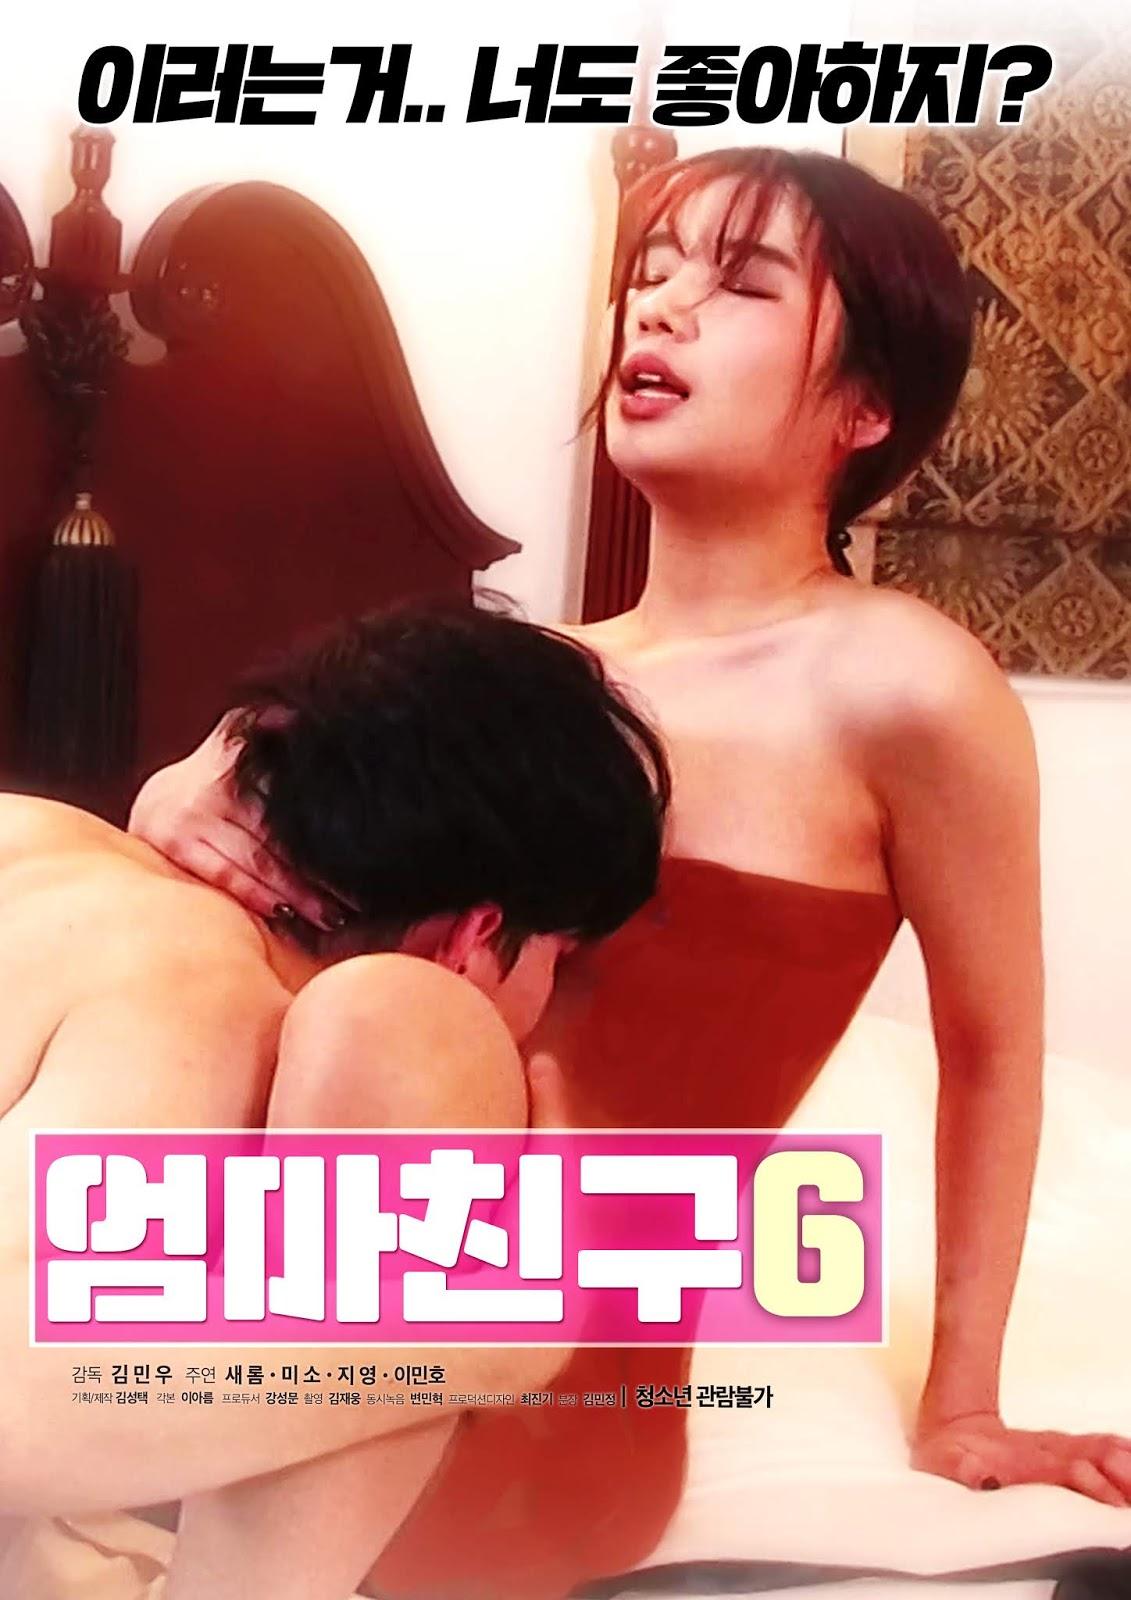 Mom Friend 6 Full Korea 18+ Adult Movie Online Free